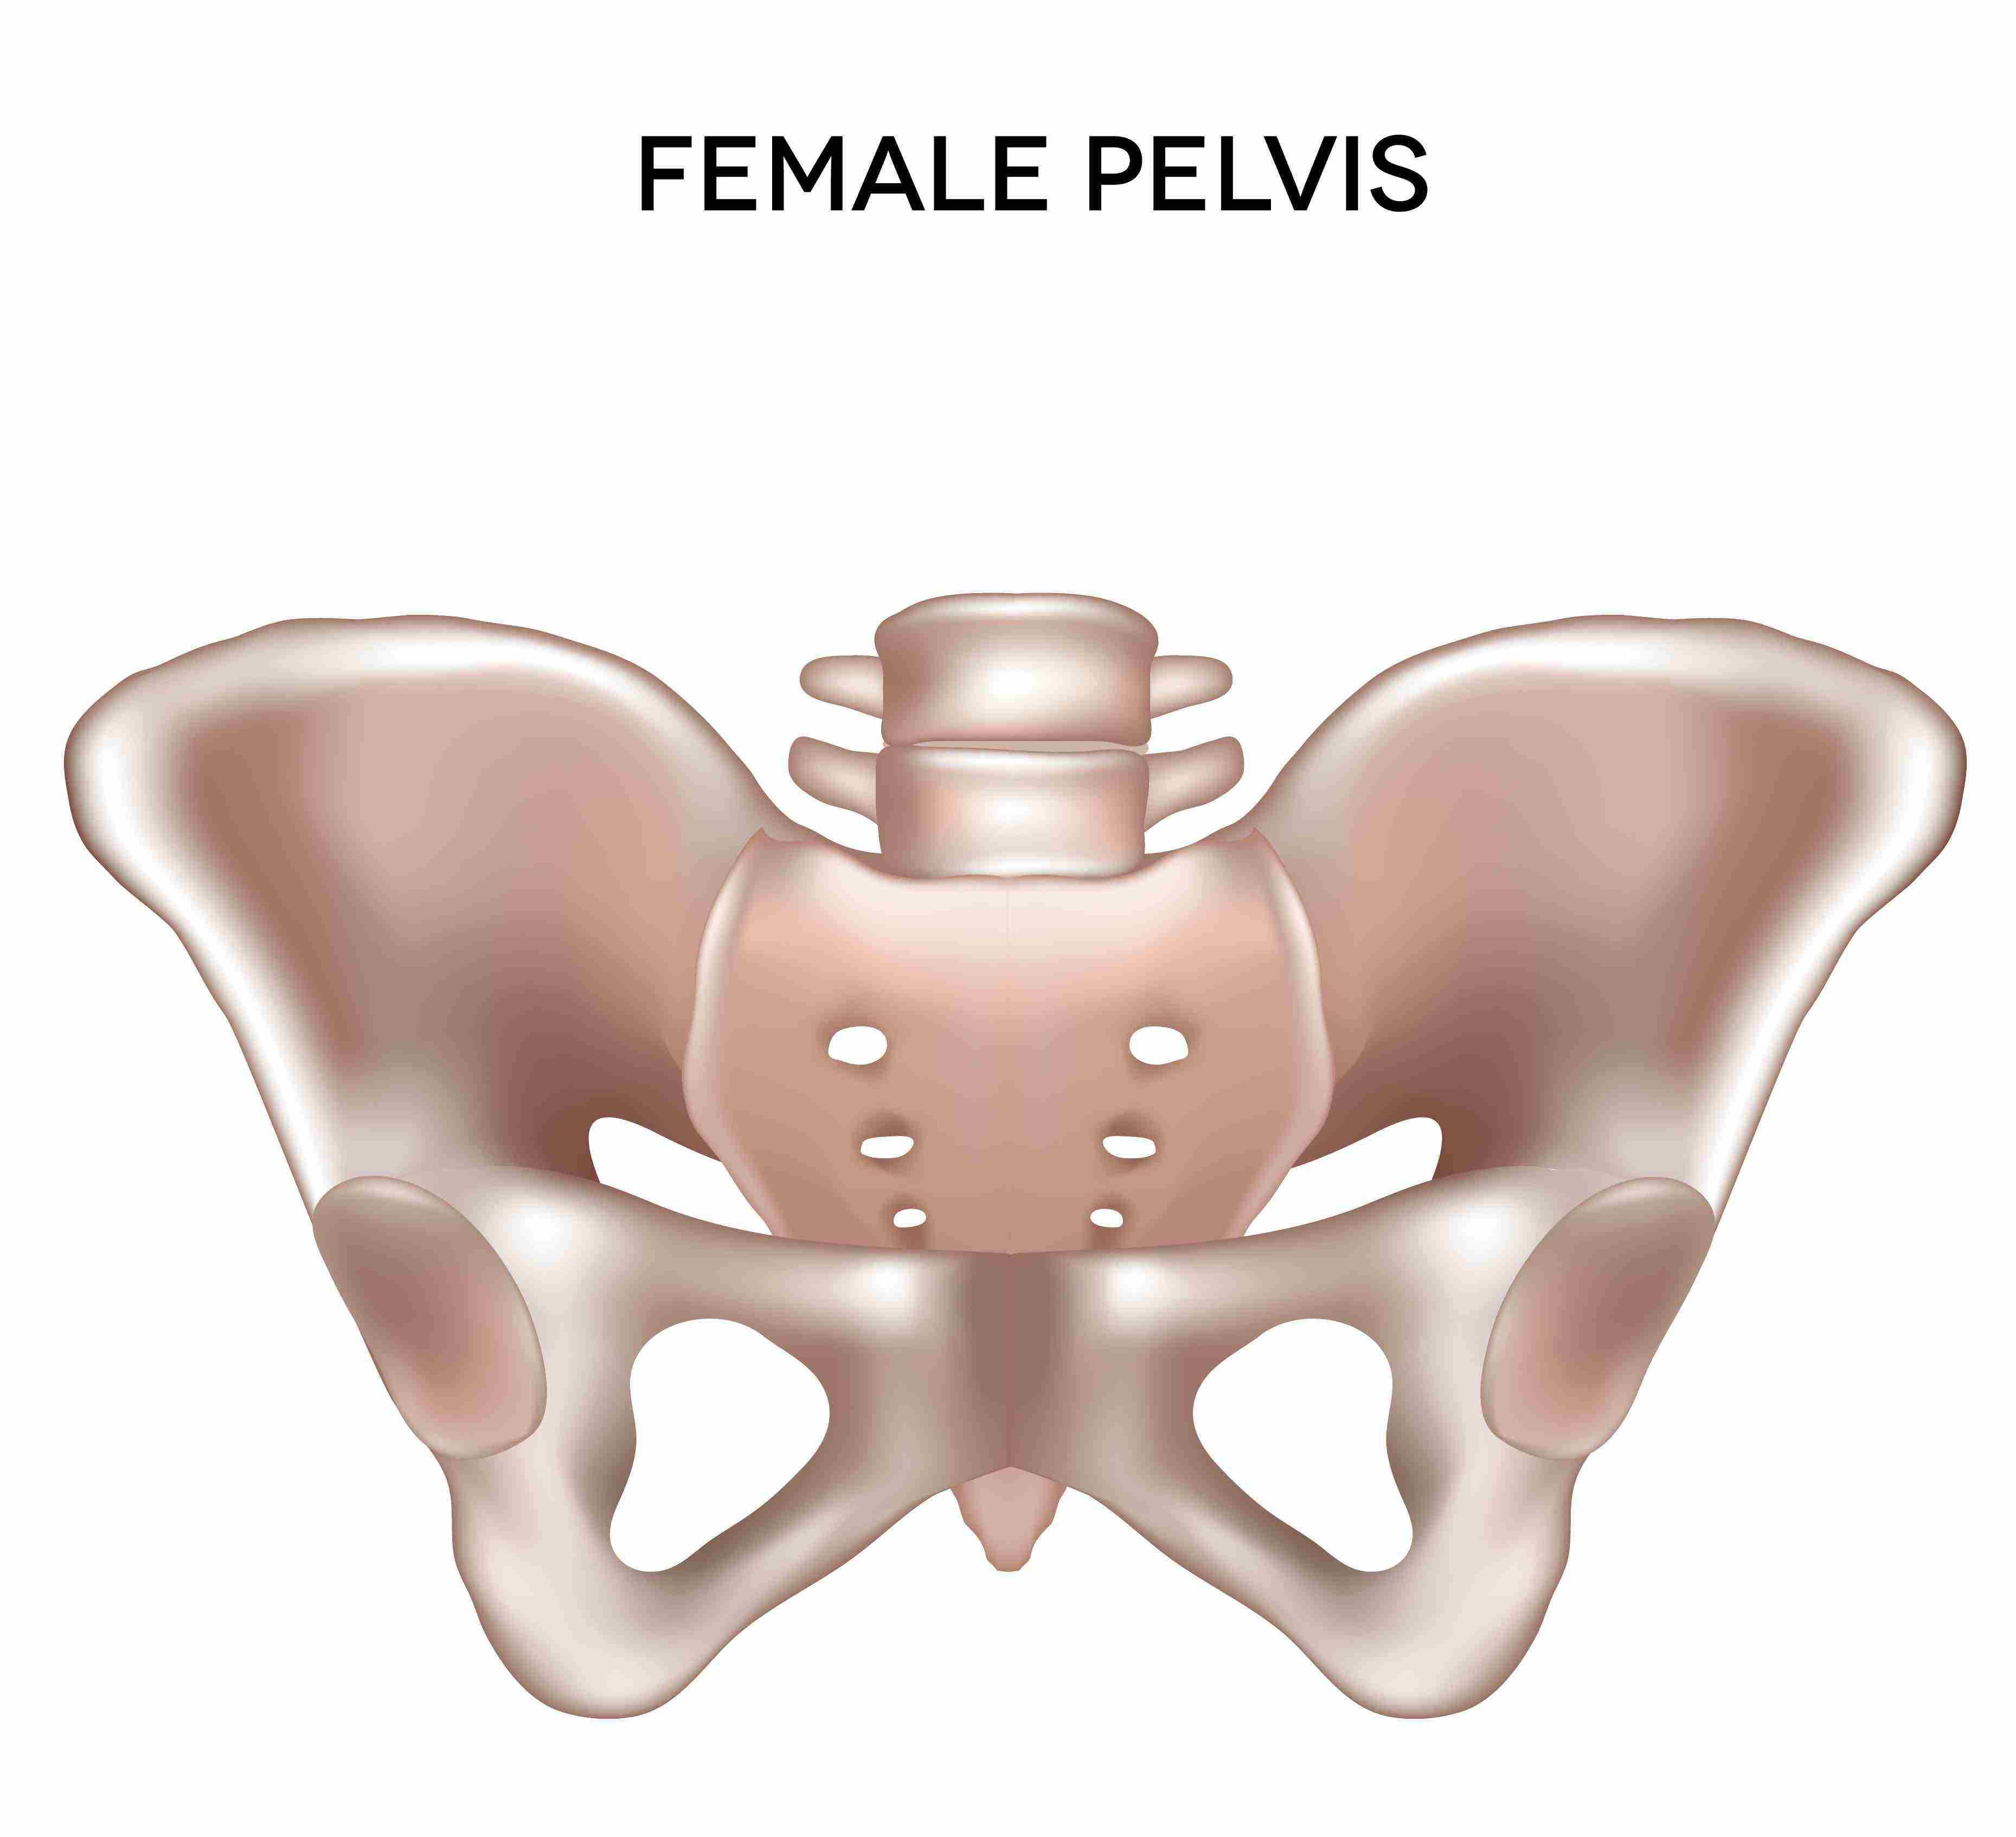 La pubalgie, une plainte rare chez les femmes